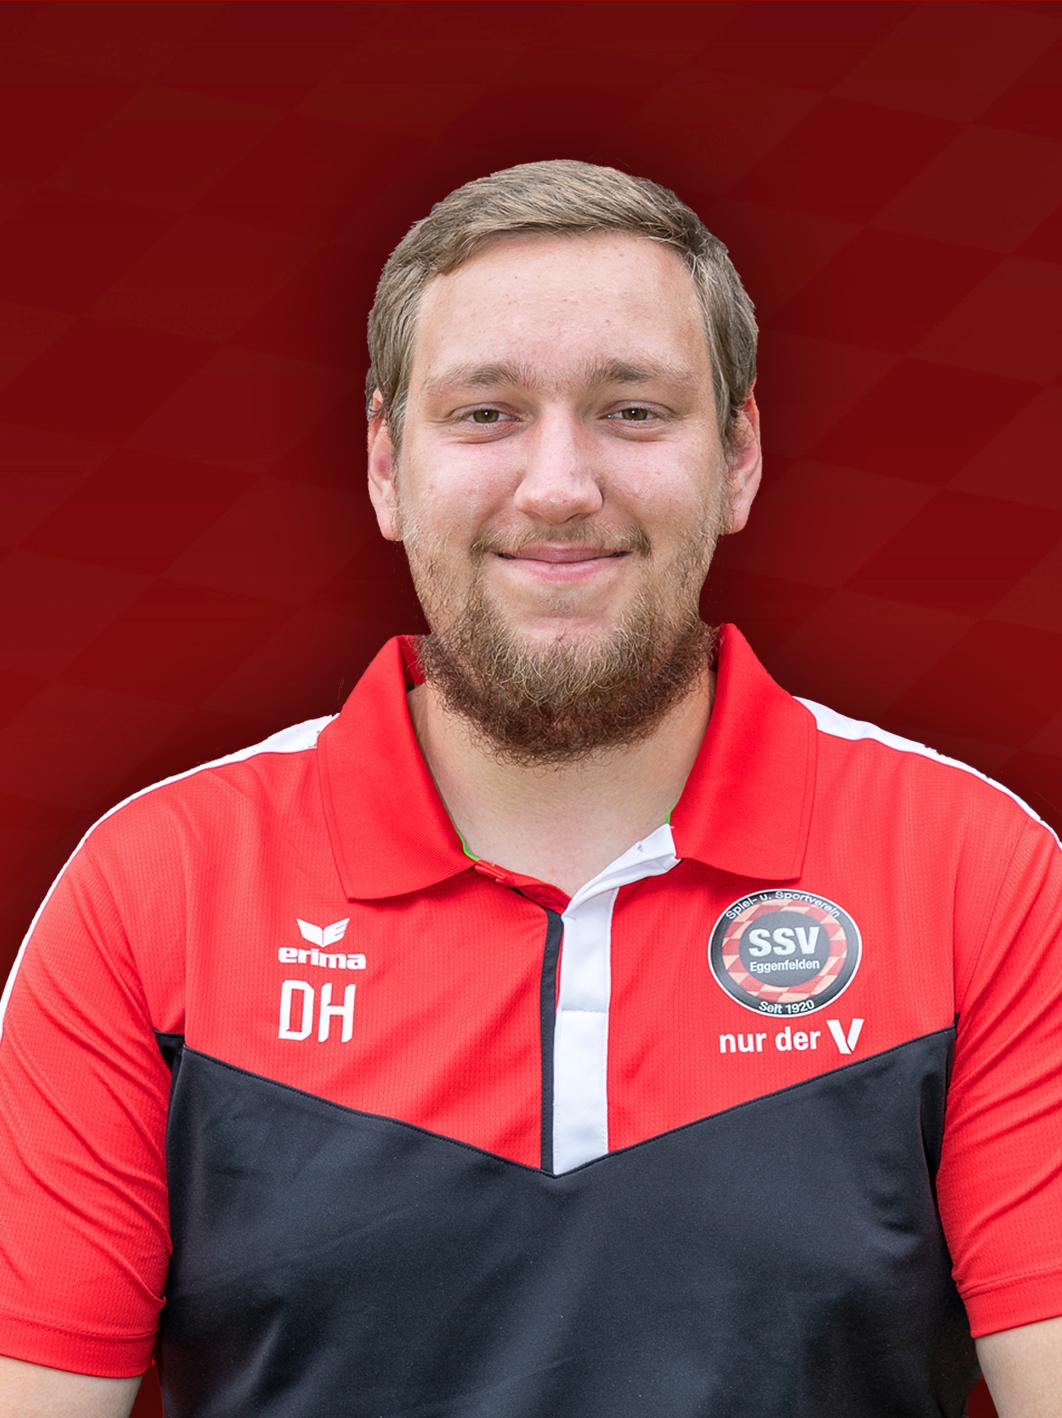 Dominik Hartl